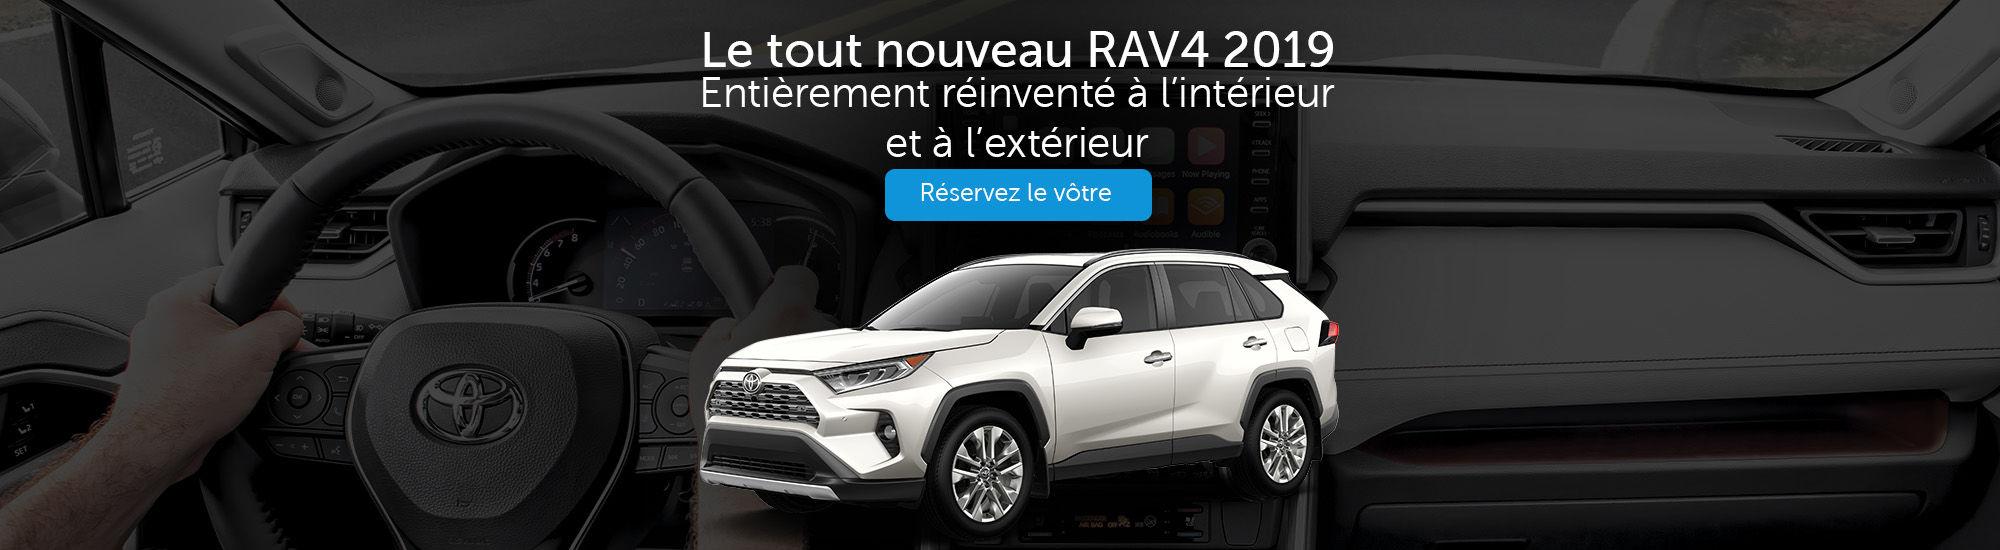 Le tout nouveau RAV4 2019